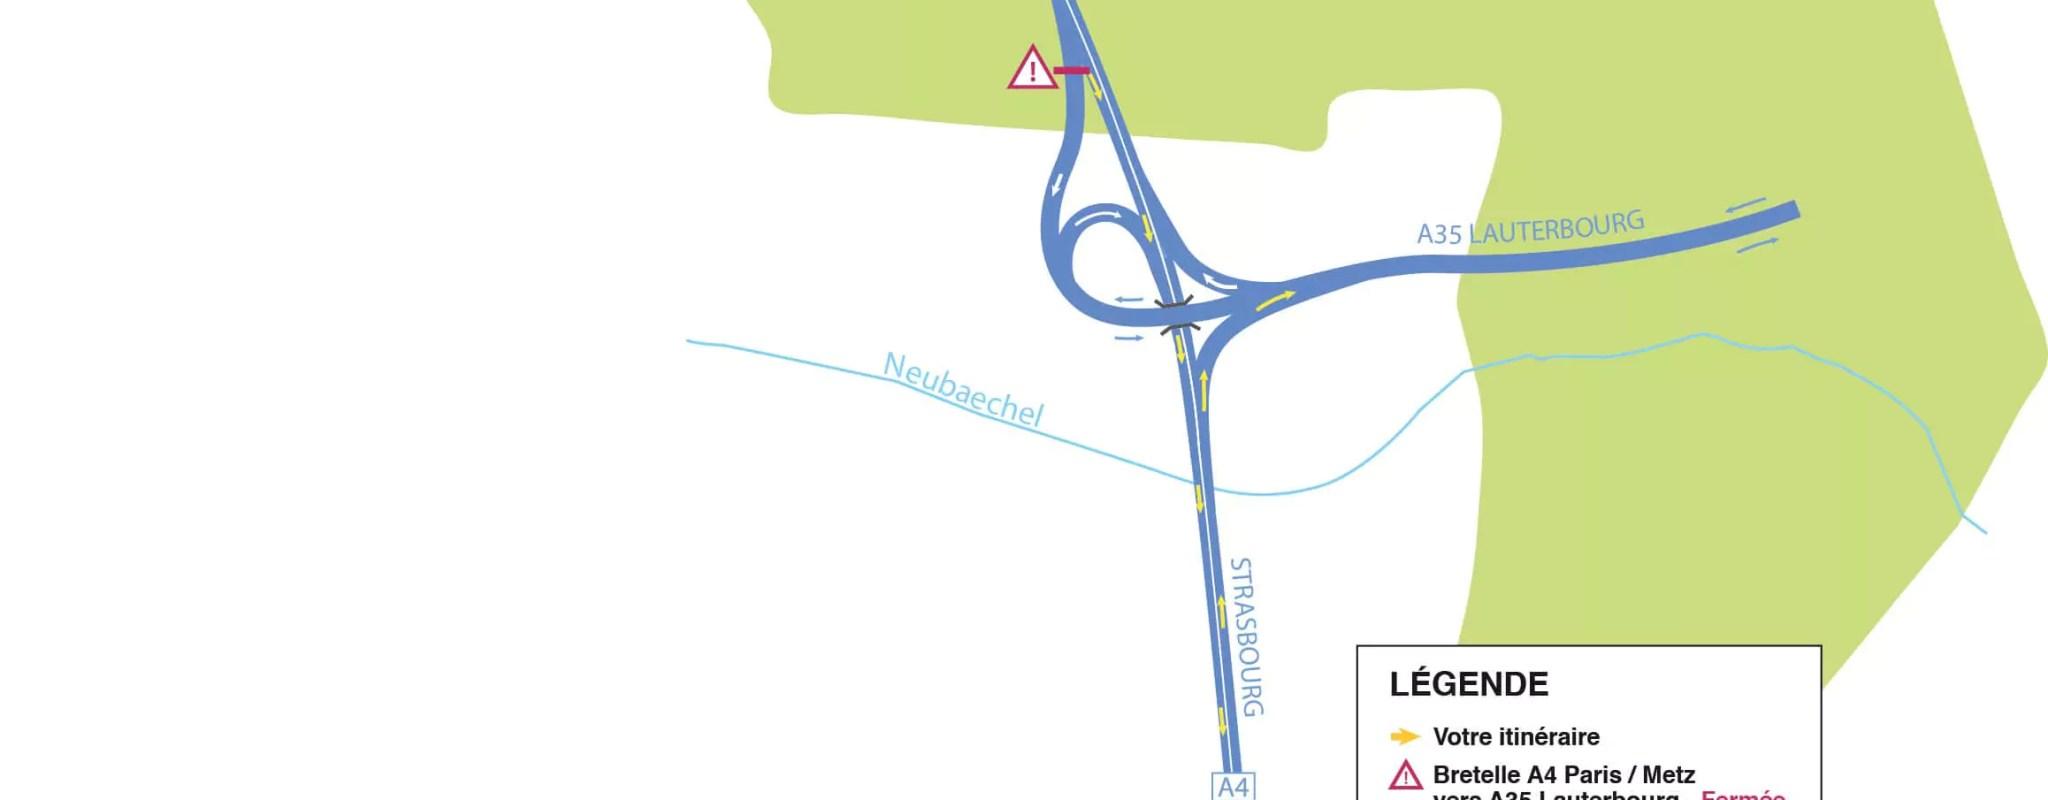 Fermeture de la bretelle de l'A4 vers l'A35 du 5 au 23 novembre pour les travaux du GCO